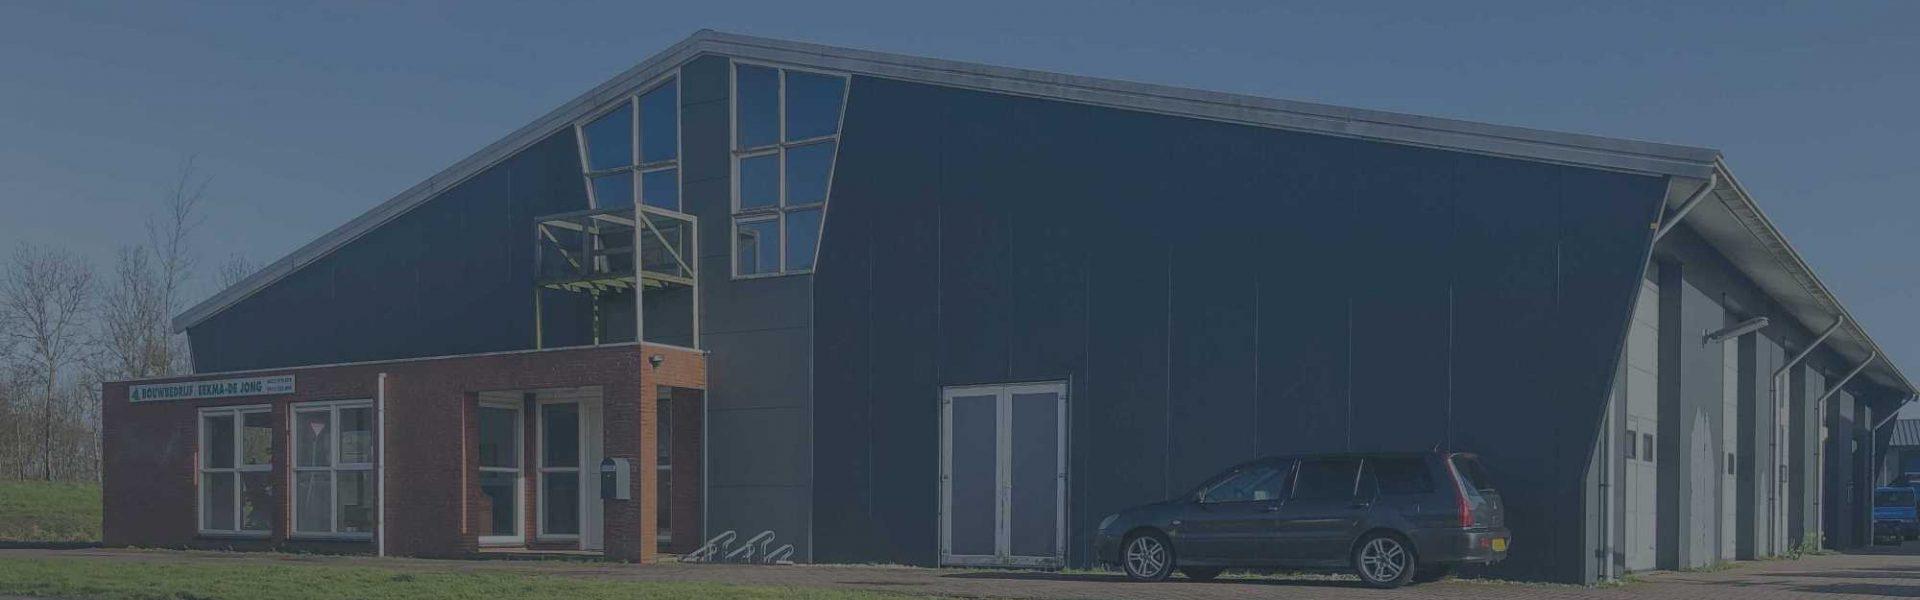 Bouwbedrijf Eekma de Jong | Koudum Hindeloopen Zuidwest Friesland